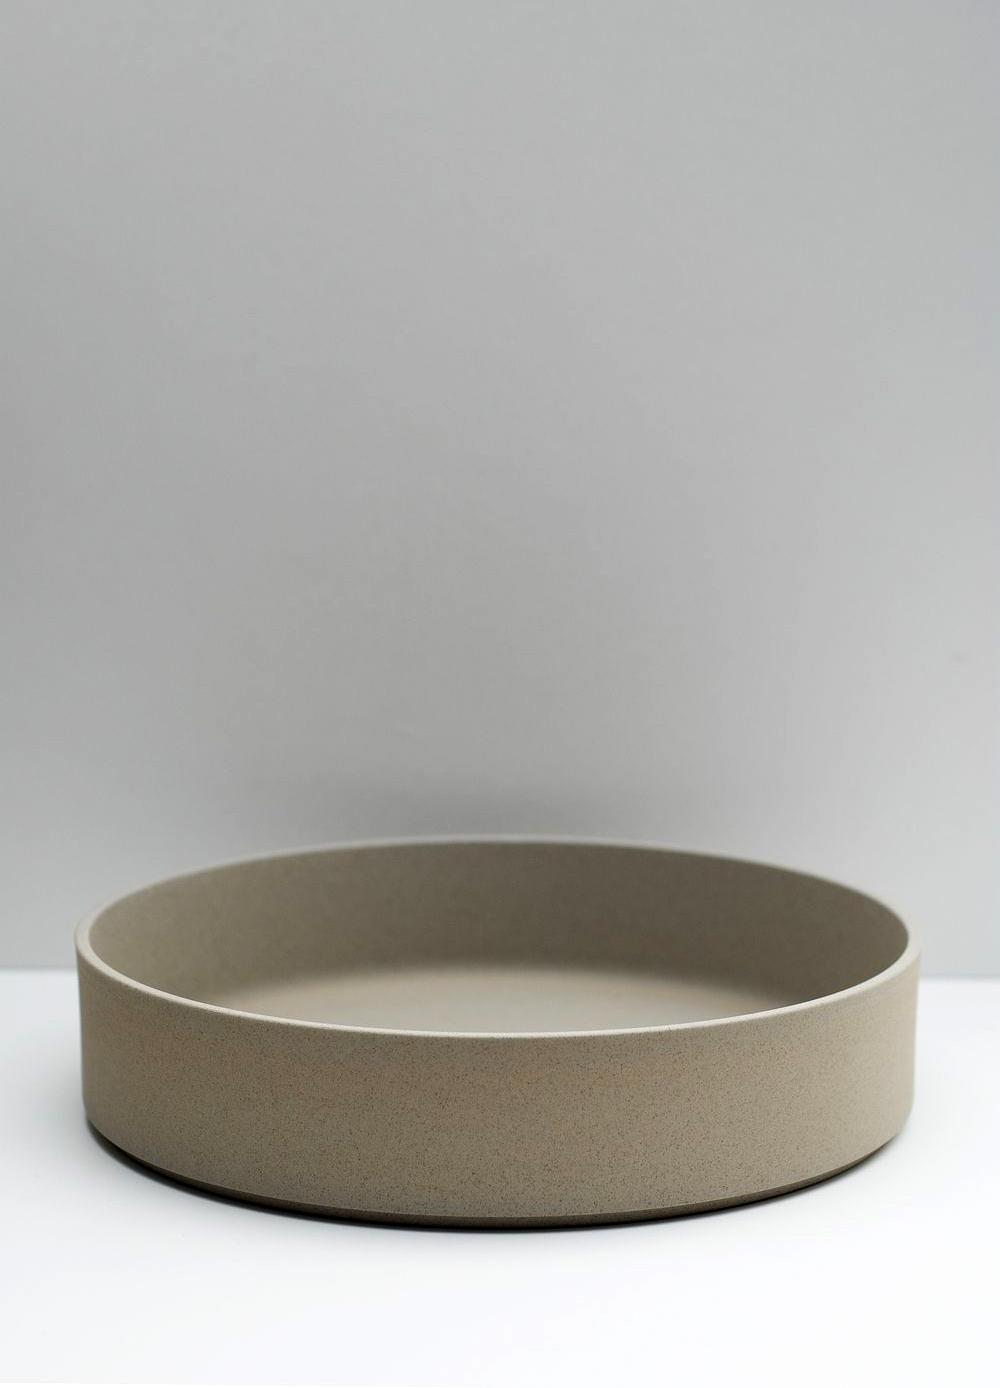 Hasami_bowl